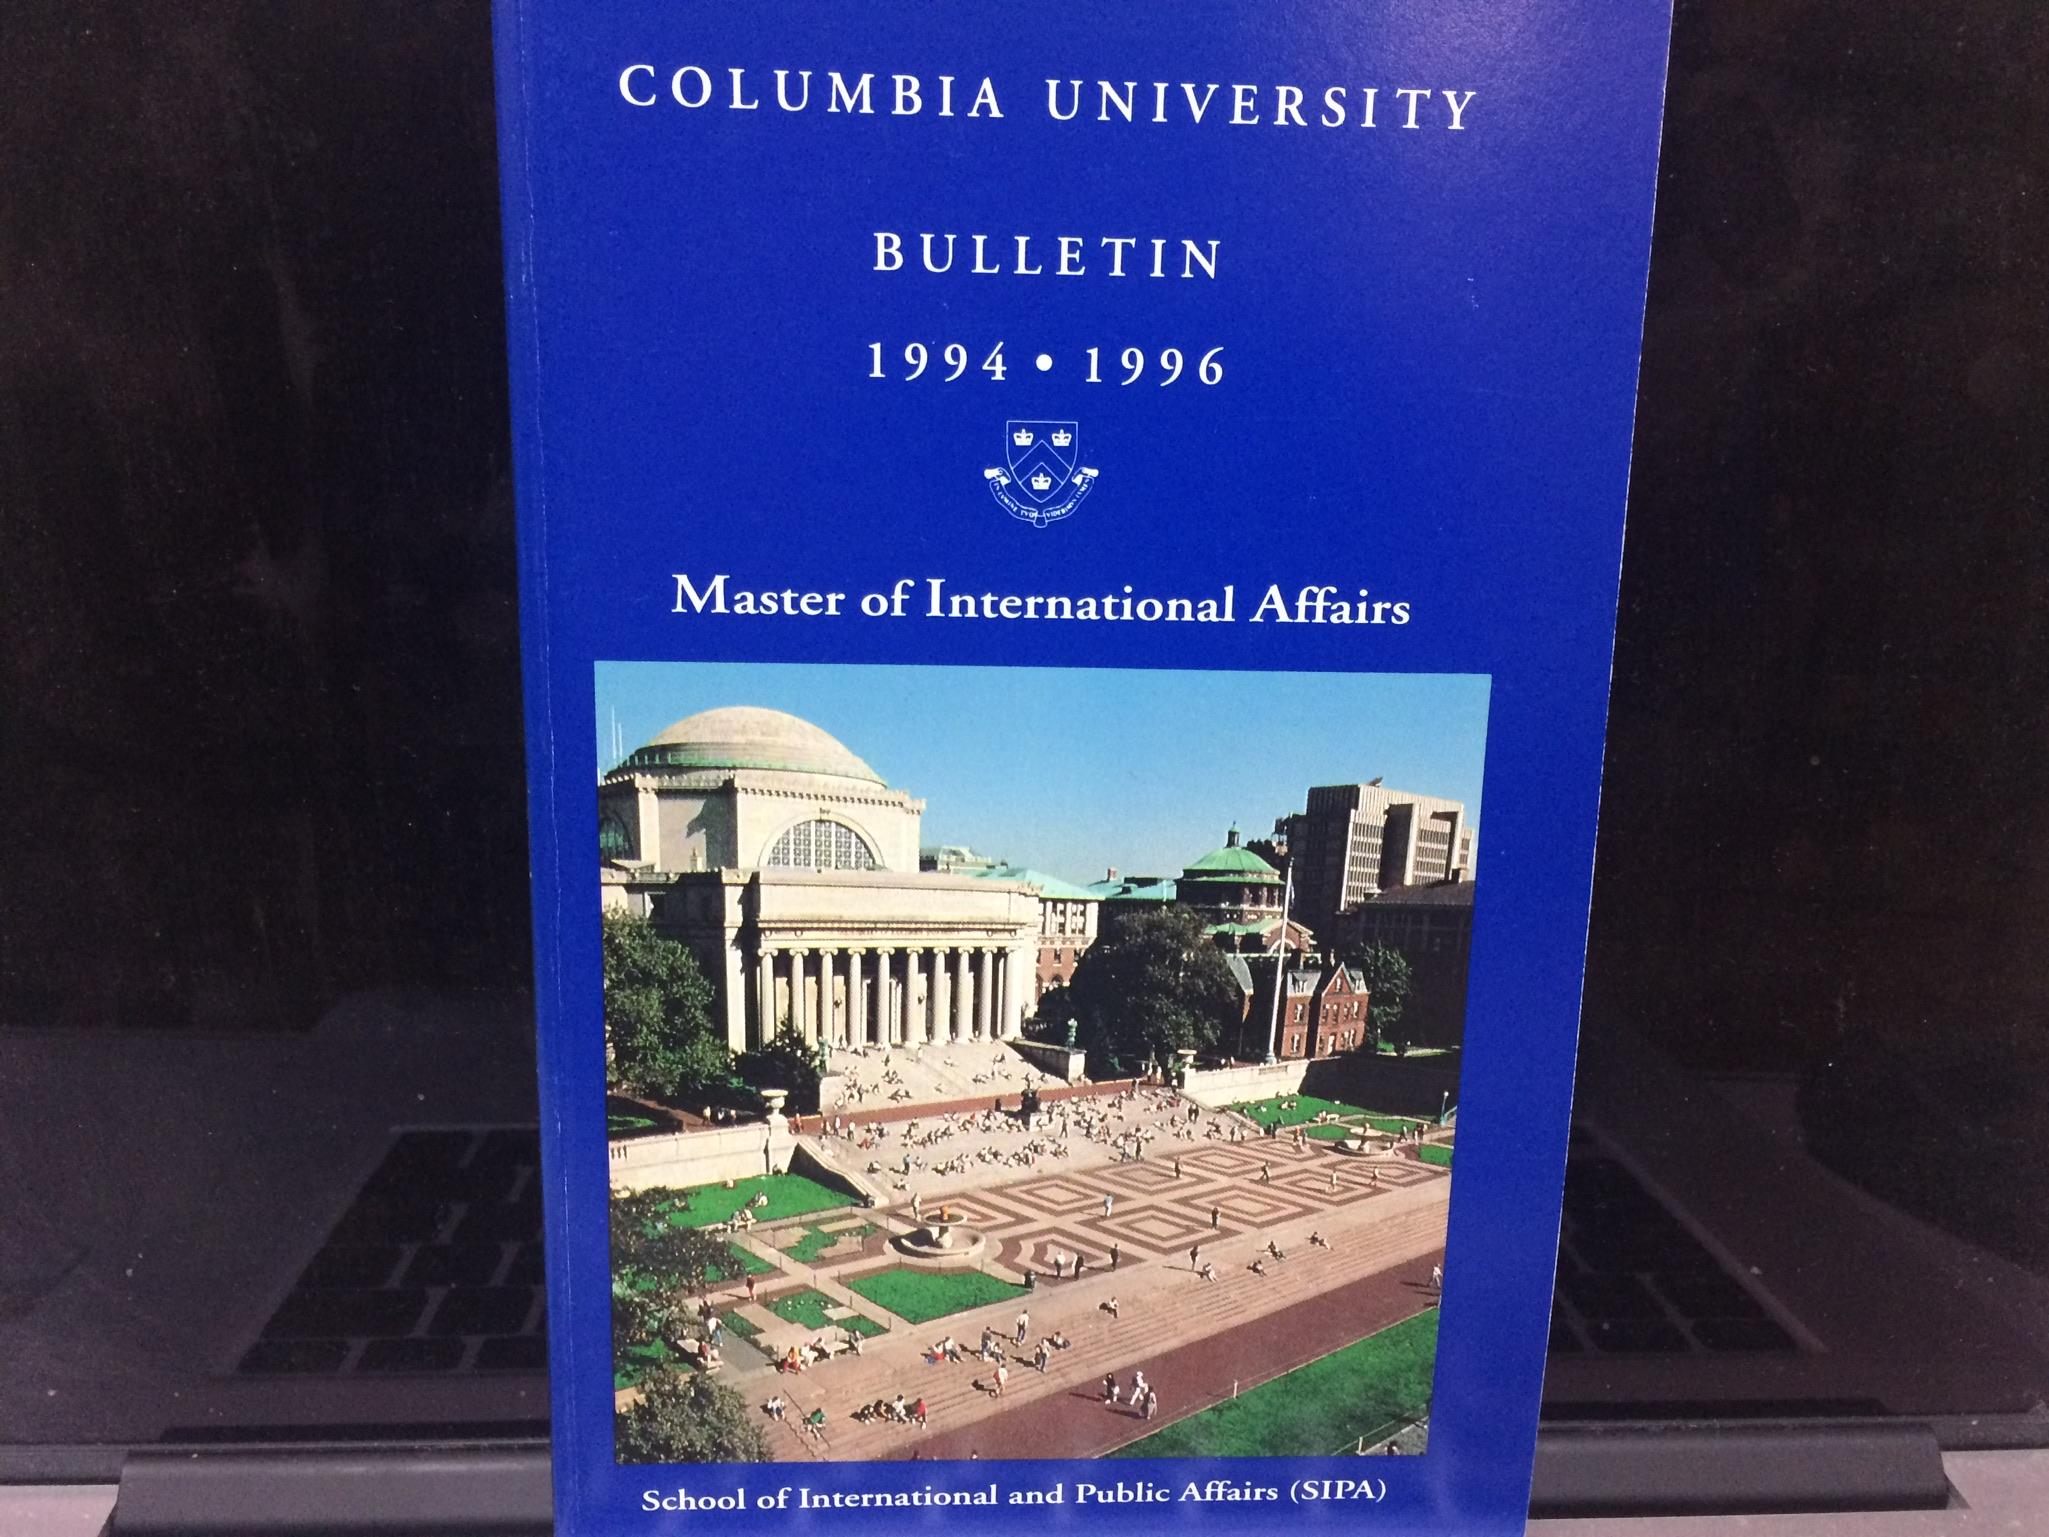 37歳でコロンビア大学大学院にママ留学した私がその後の人生で得たものとは?